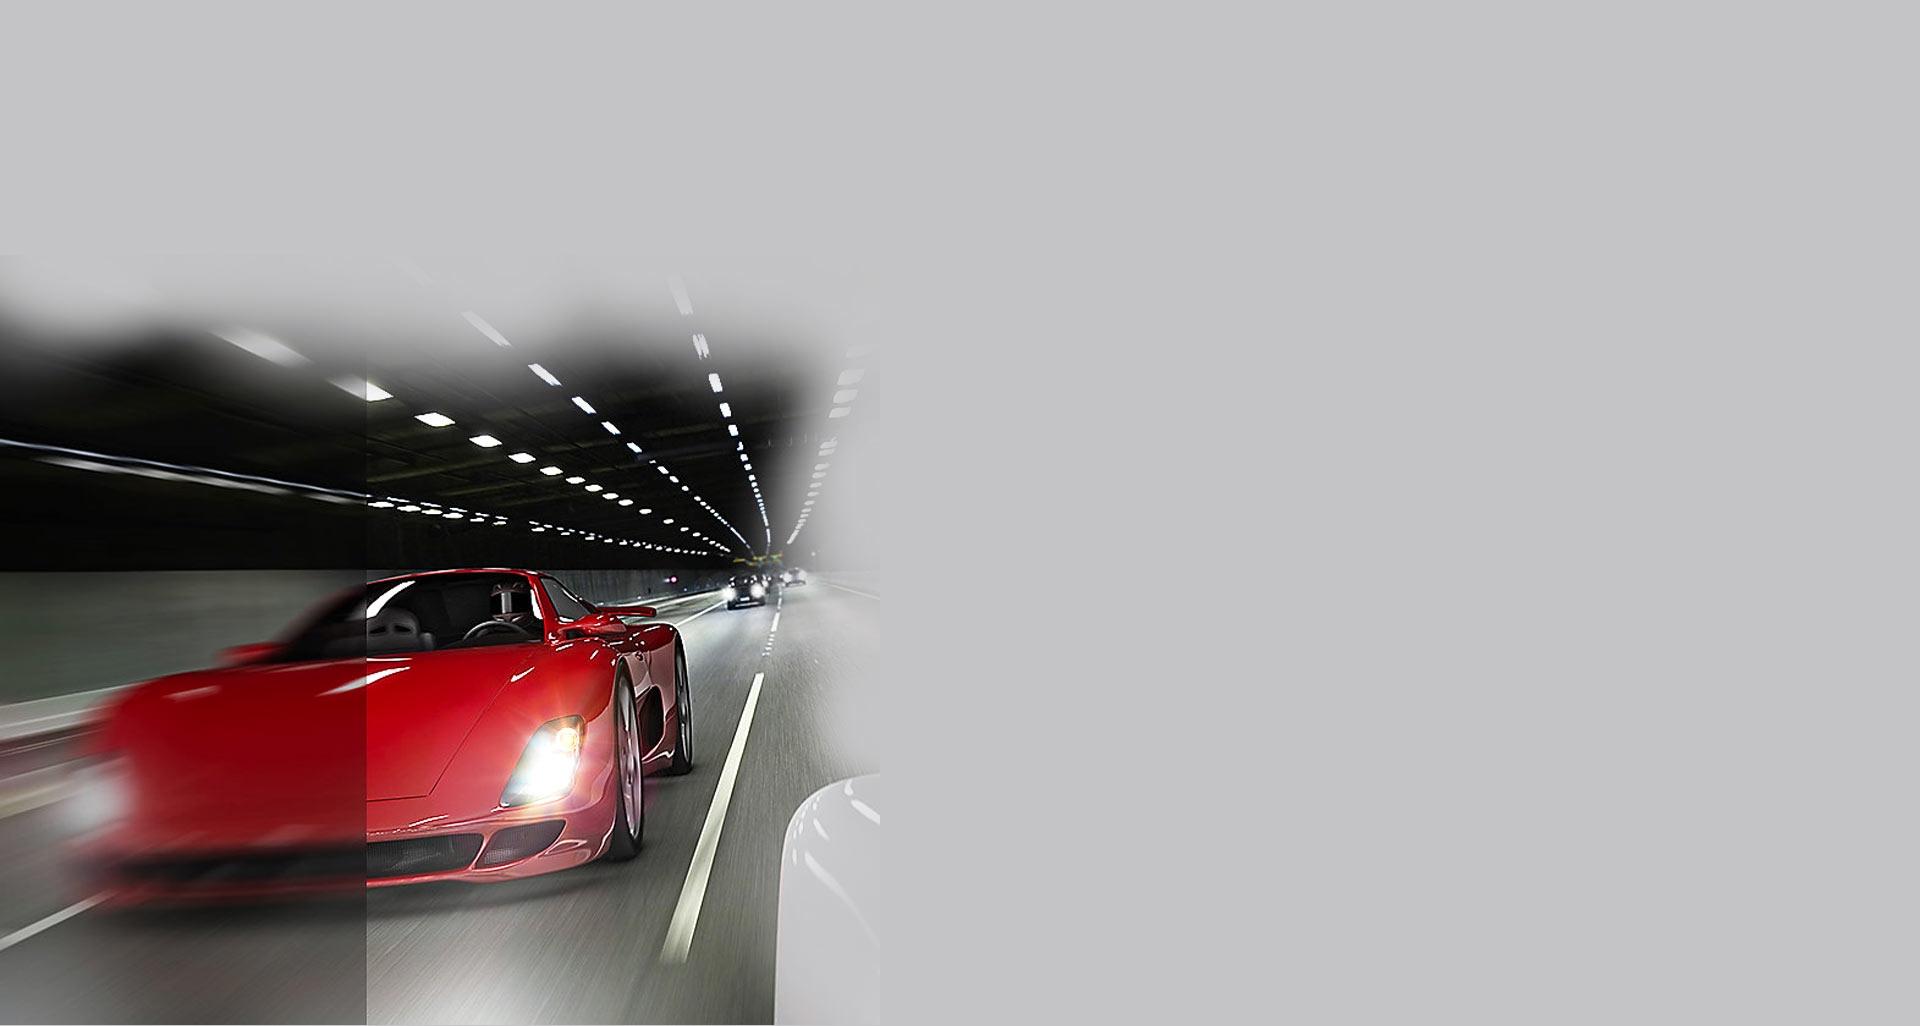 کیفیت چشمگیر صحنه های اکشن با ال ای دی Ultra HD سامسونگ